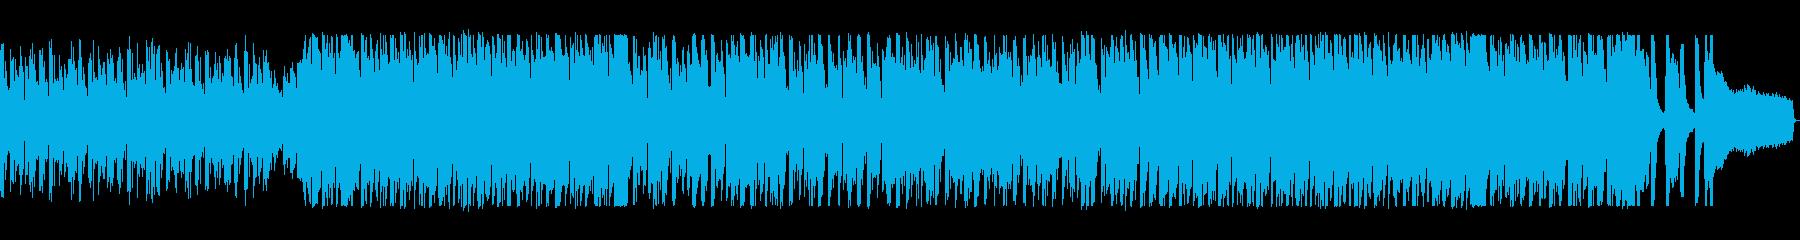 テンポが速いドラマティックなポップスの再生済みの波形